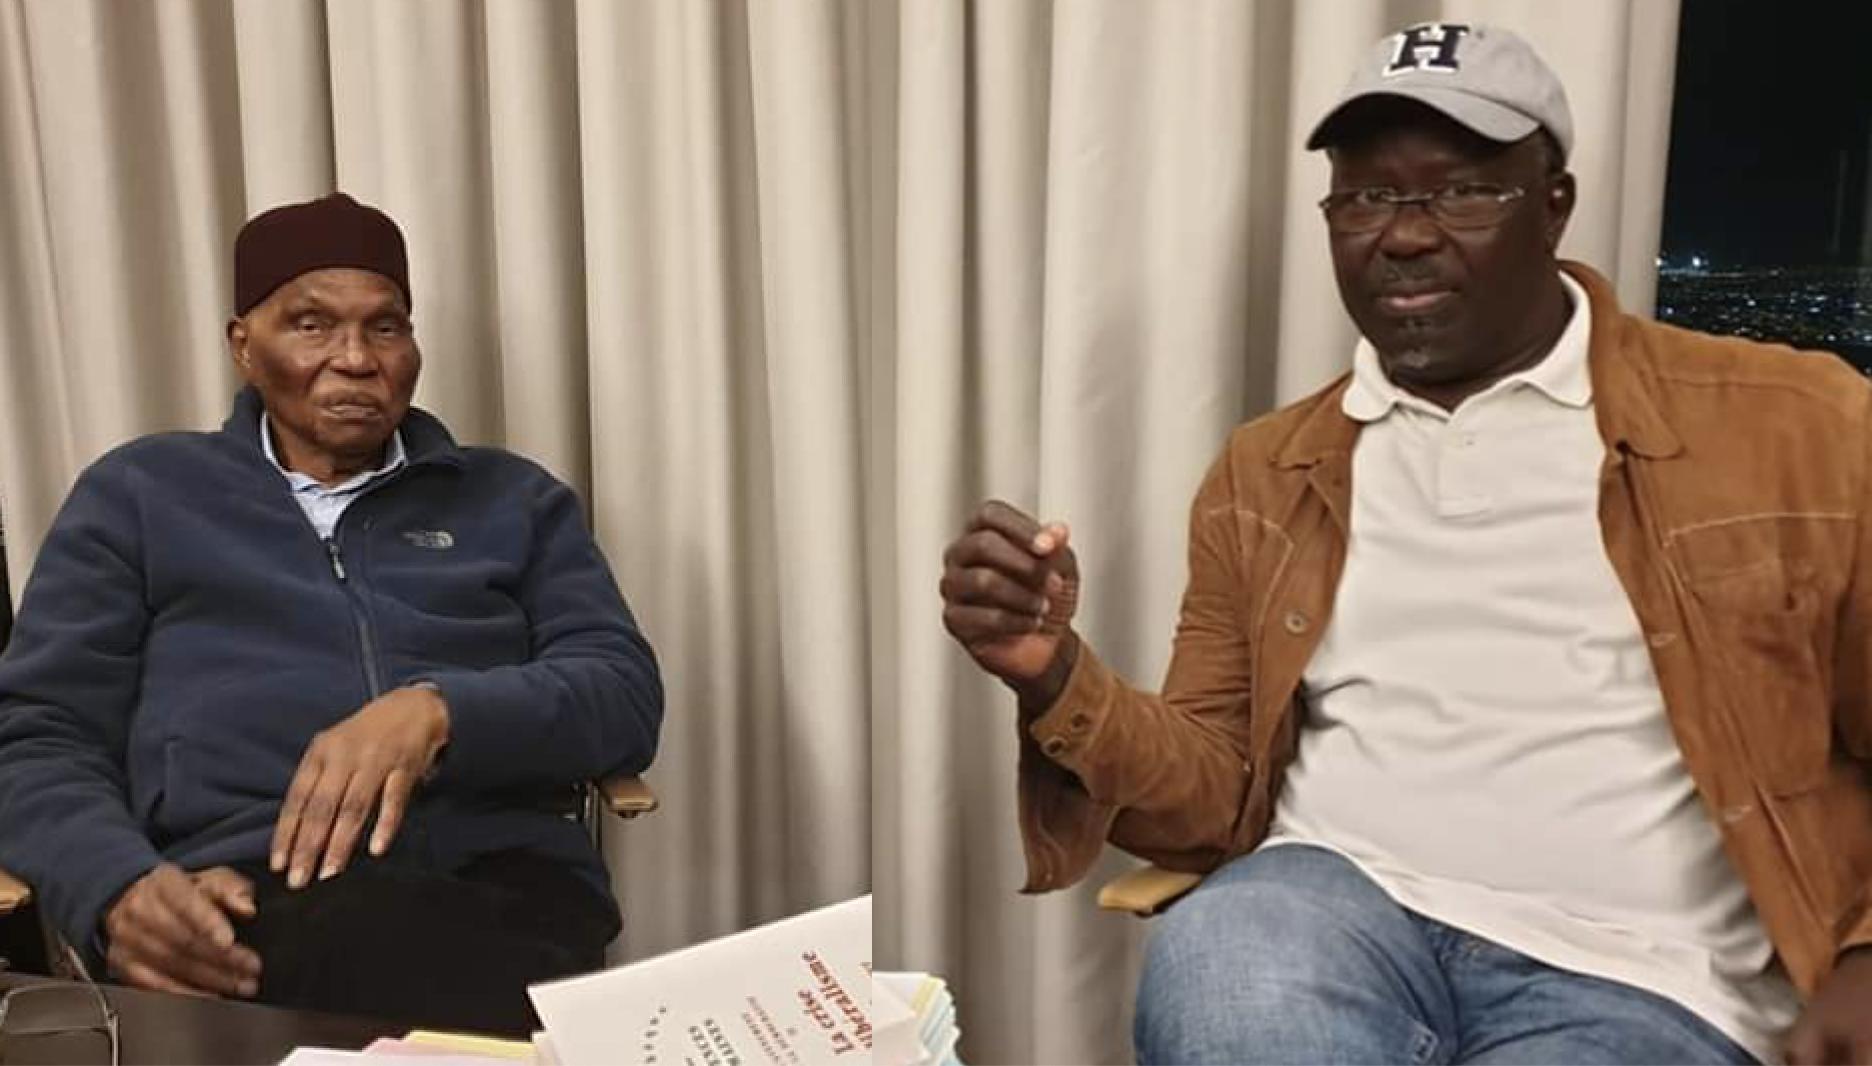 PDS / Nommé Secrétaire national, président du Comité national permanent d'organisation, Babacar Gaye rejette le poste et demande à Wade de le décharger de cette fonction.